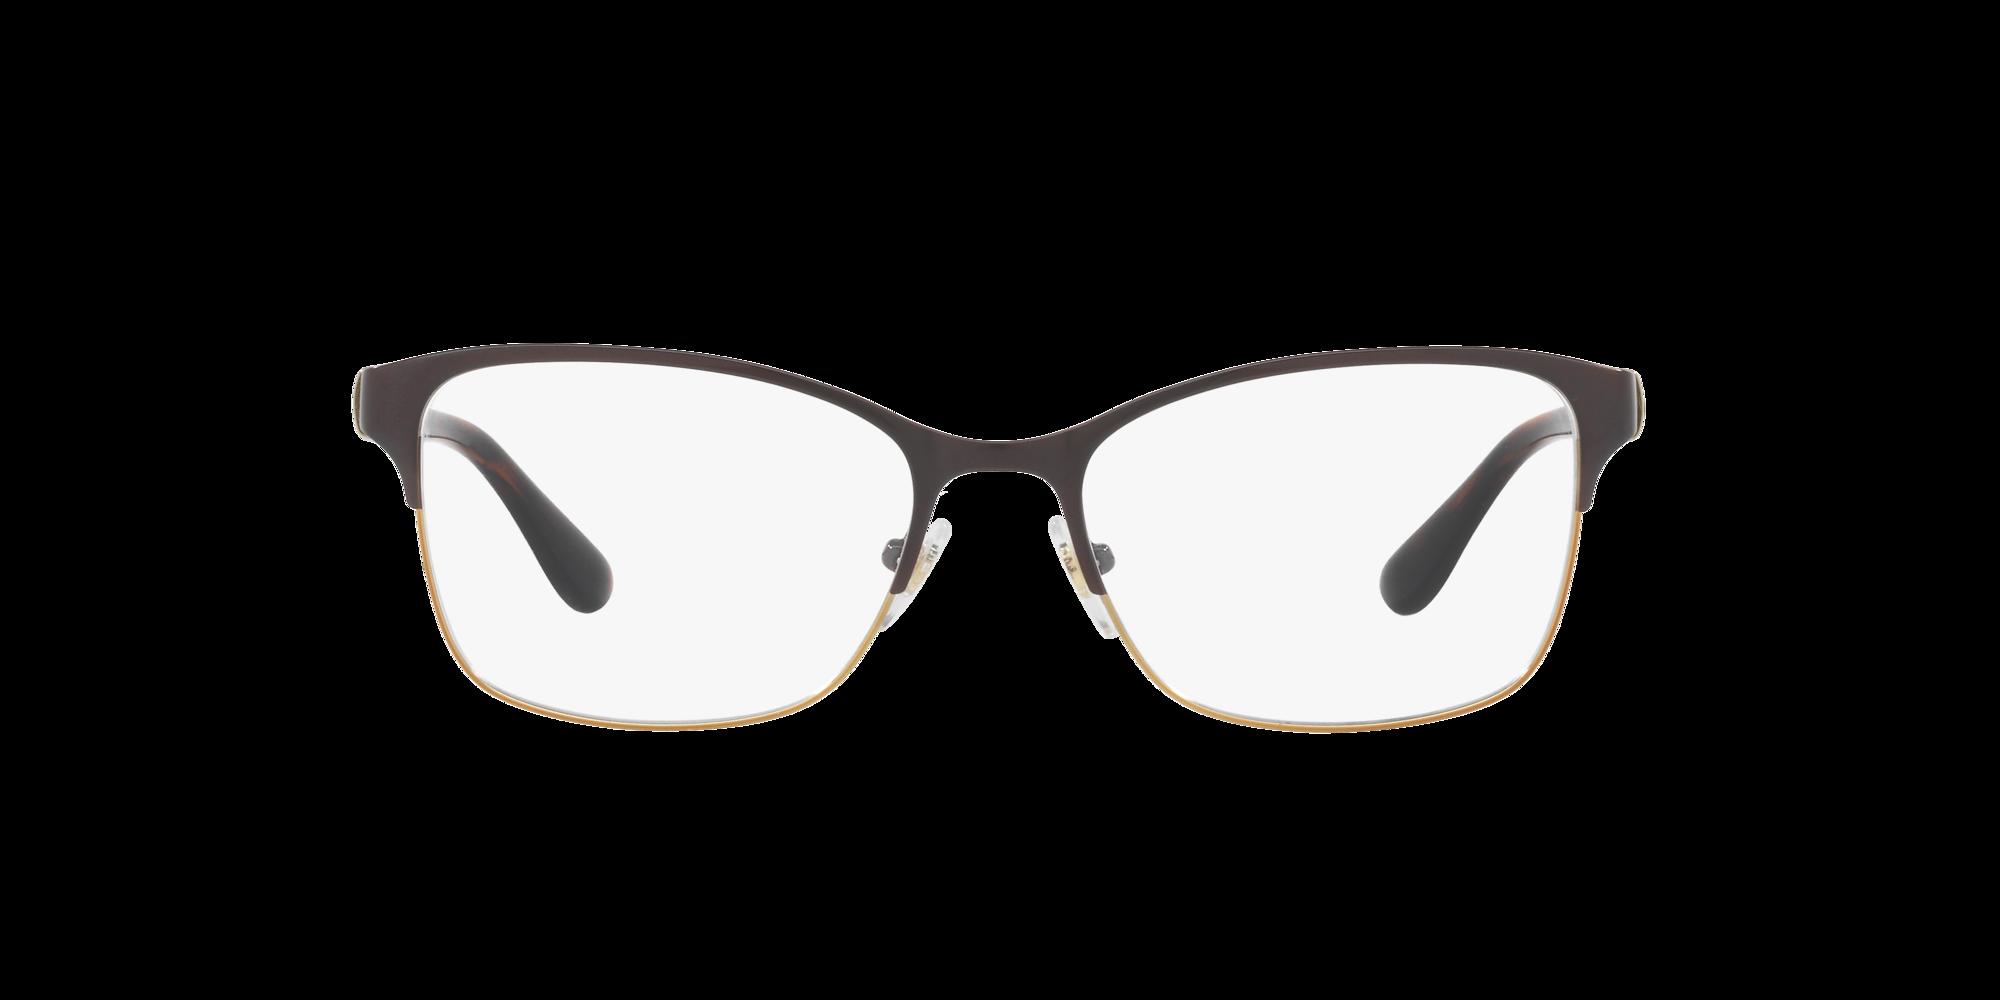 Imagen para VO4050 de LensCrafters |  Espejuelos, espejuelos graduados en línea, gafas